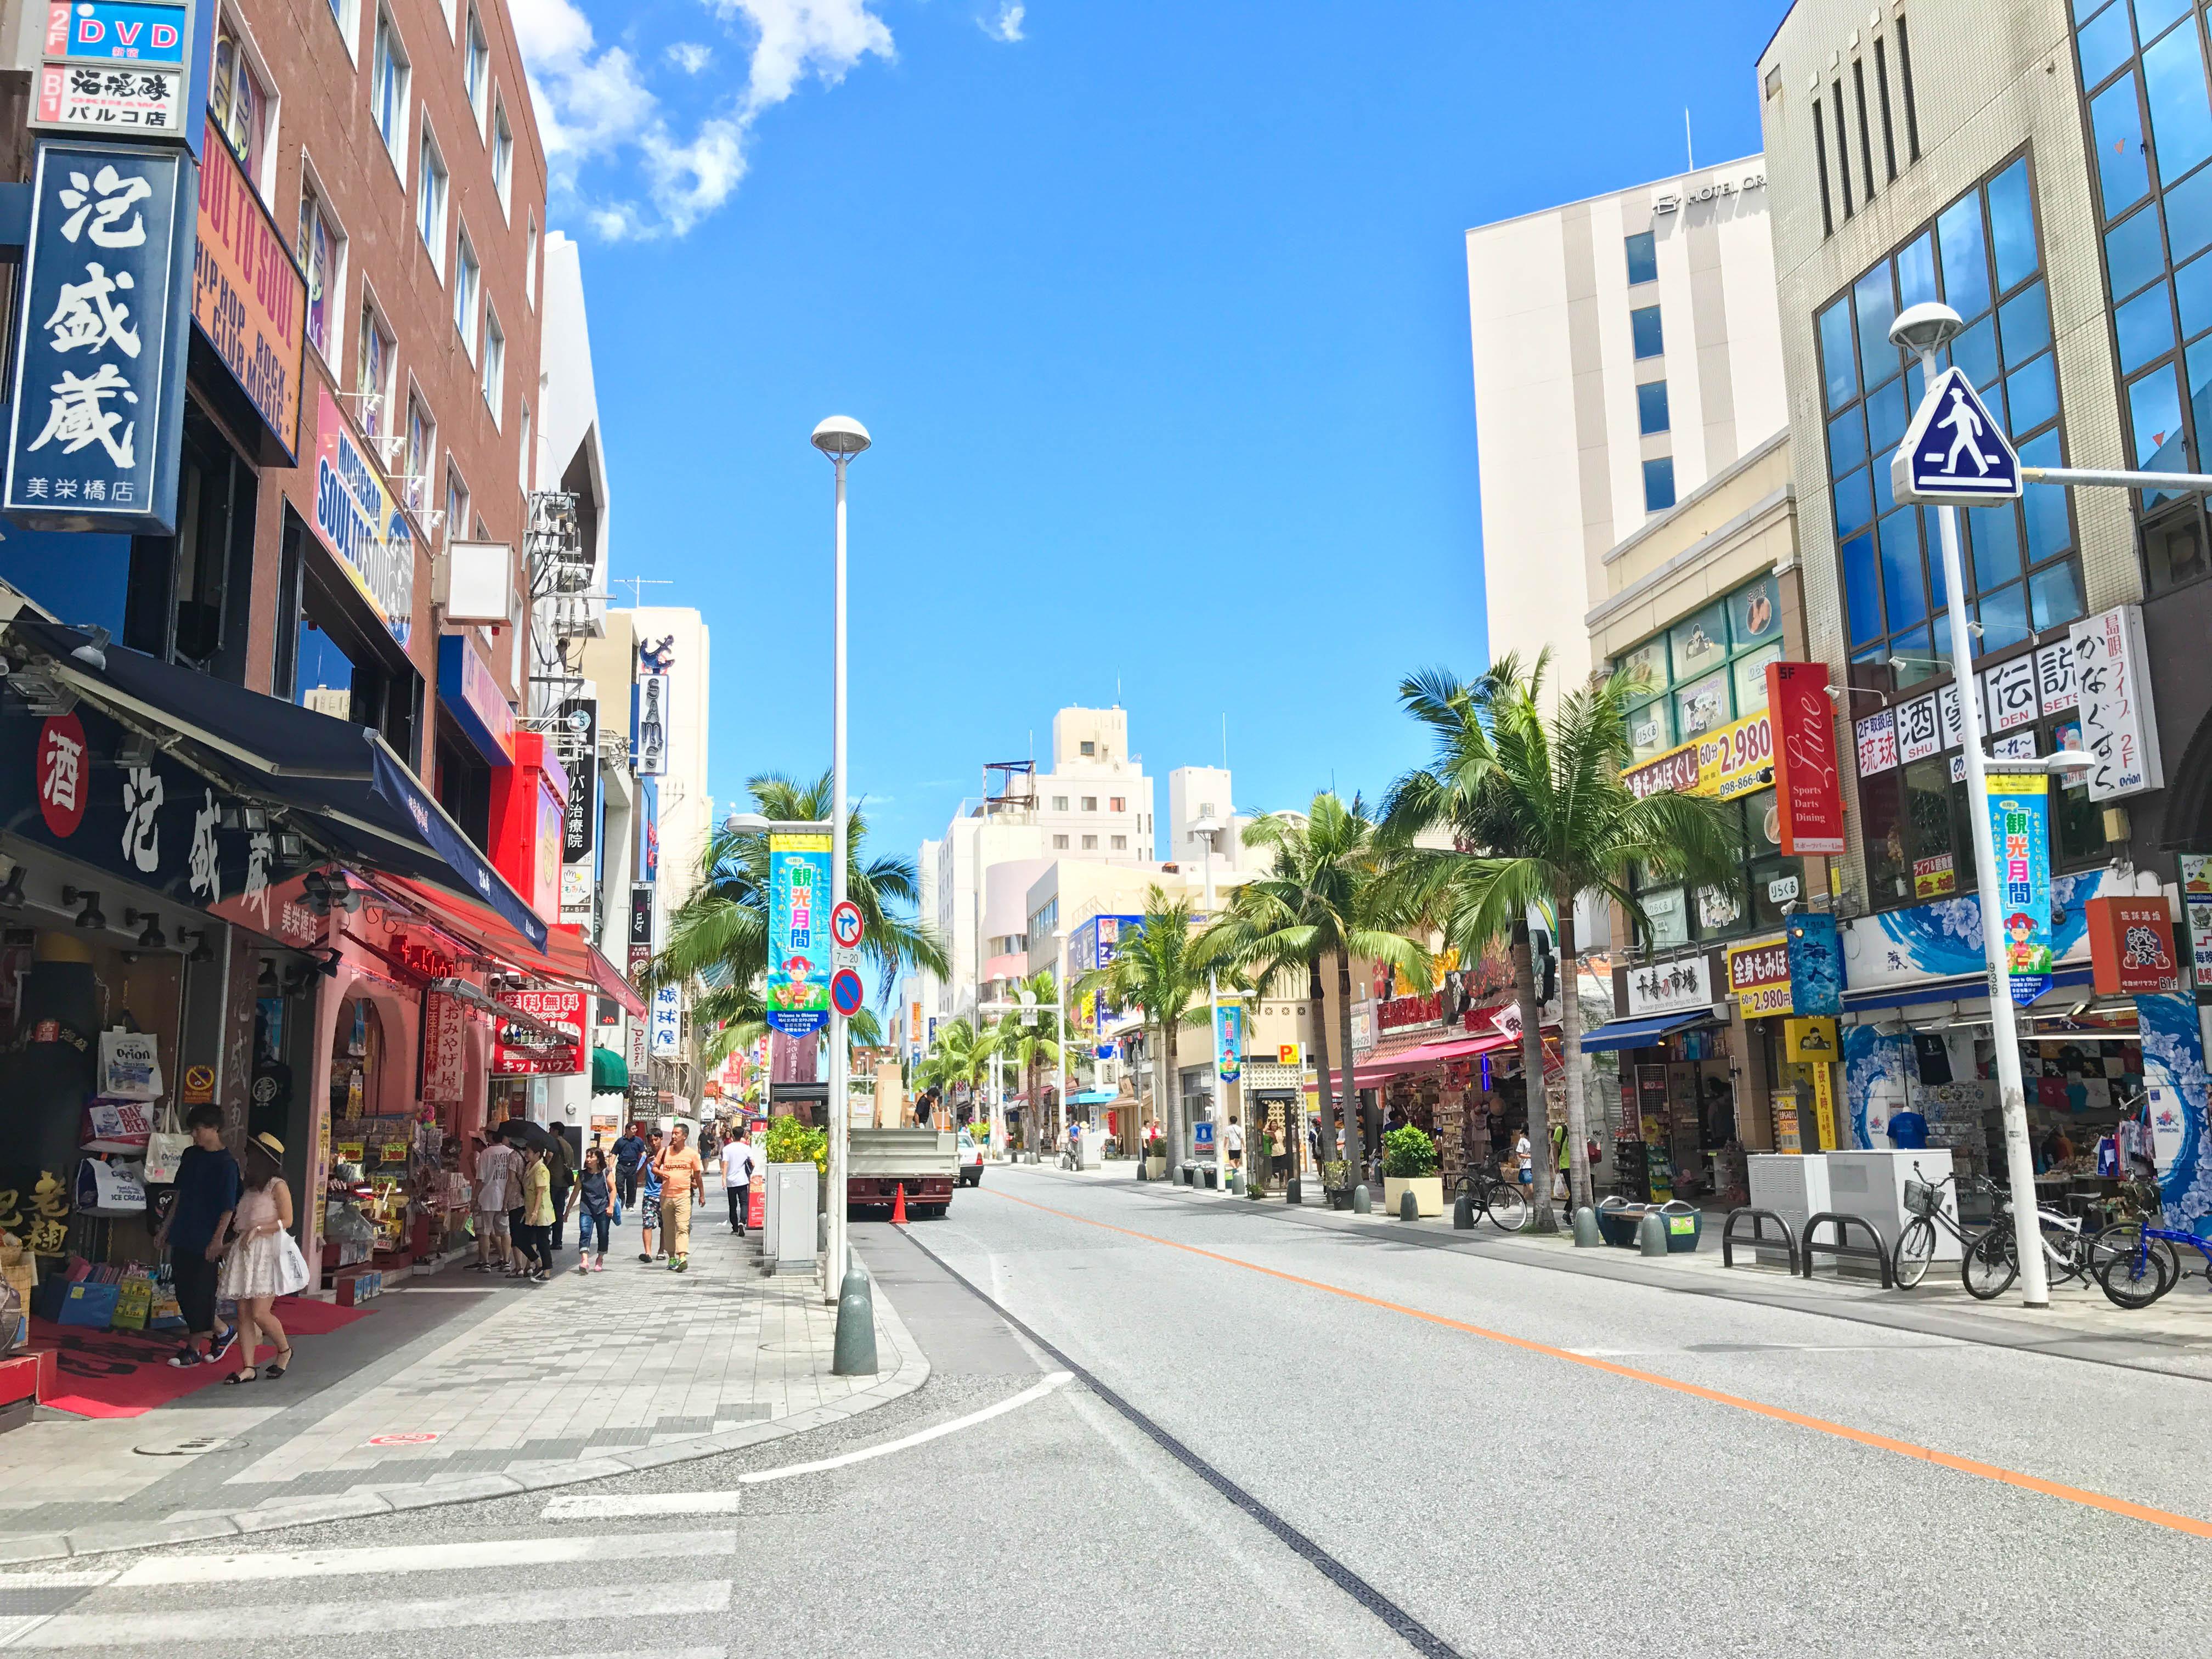 沖縄のメインストリート那覇国際通り